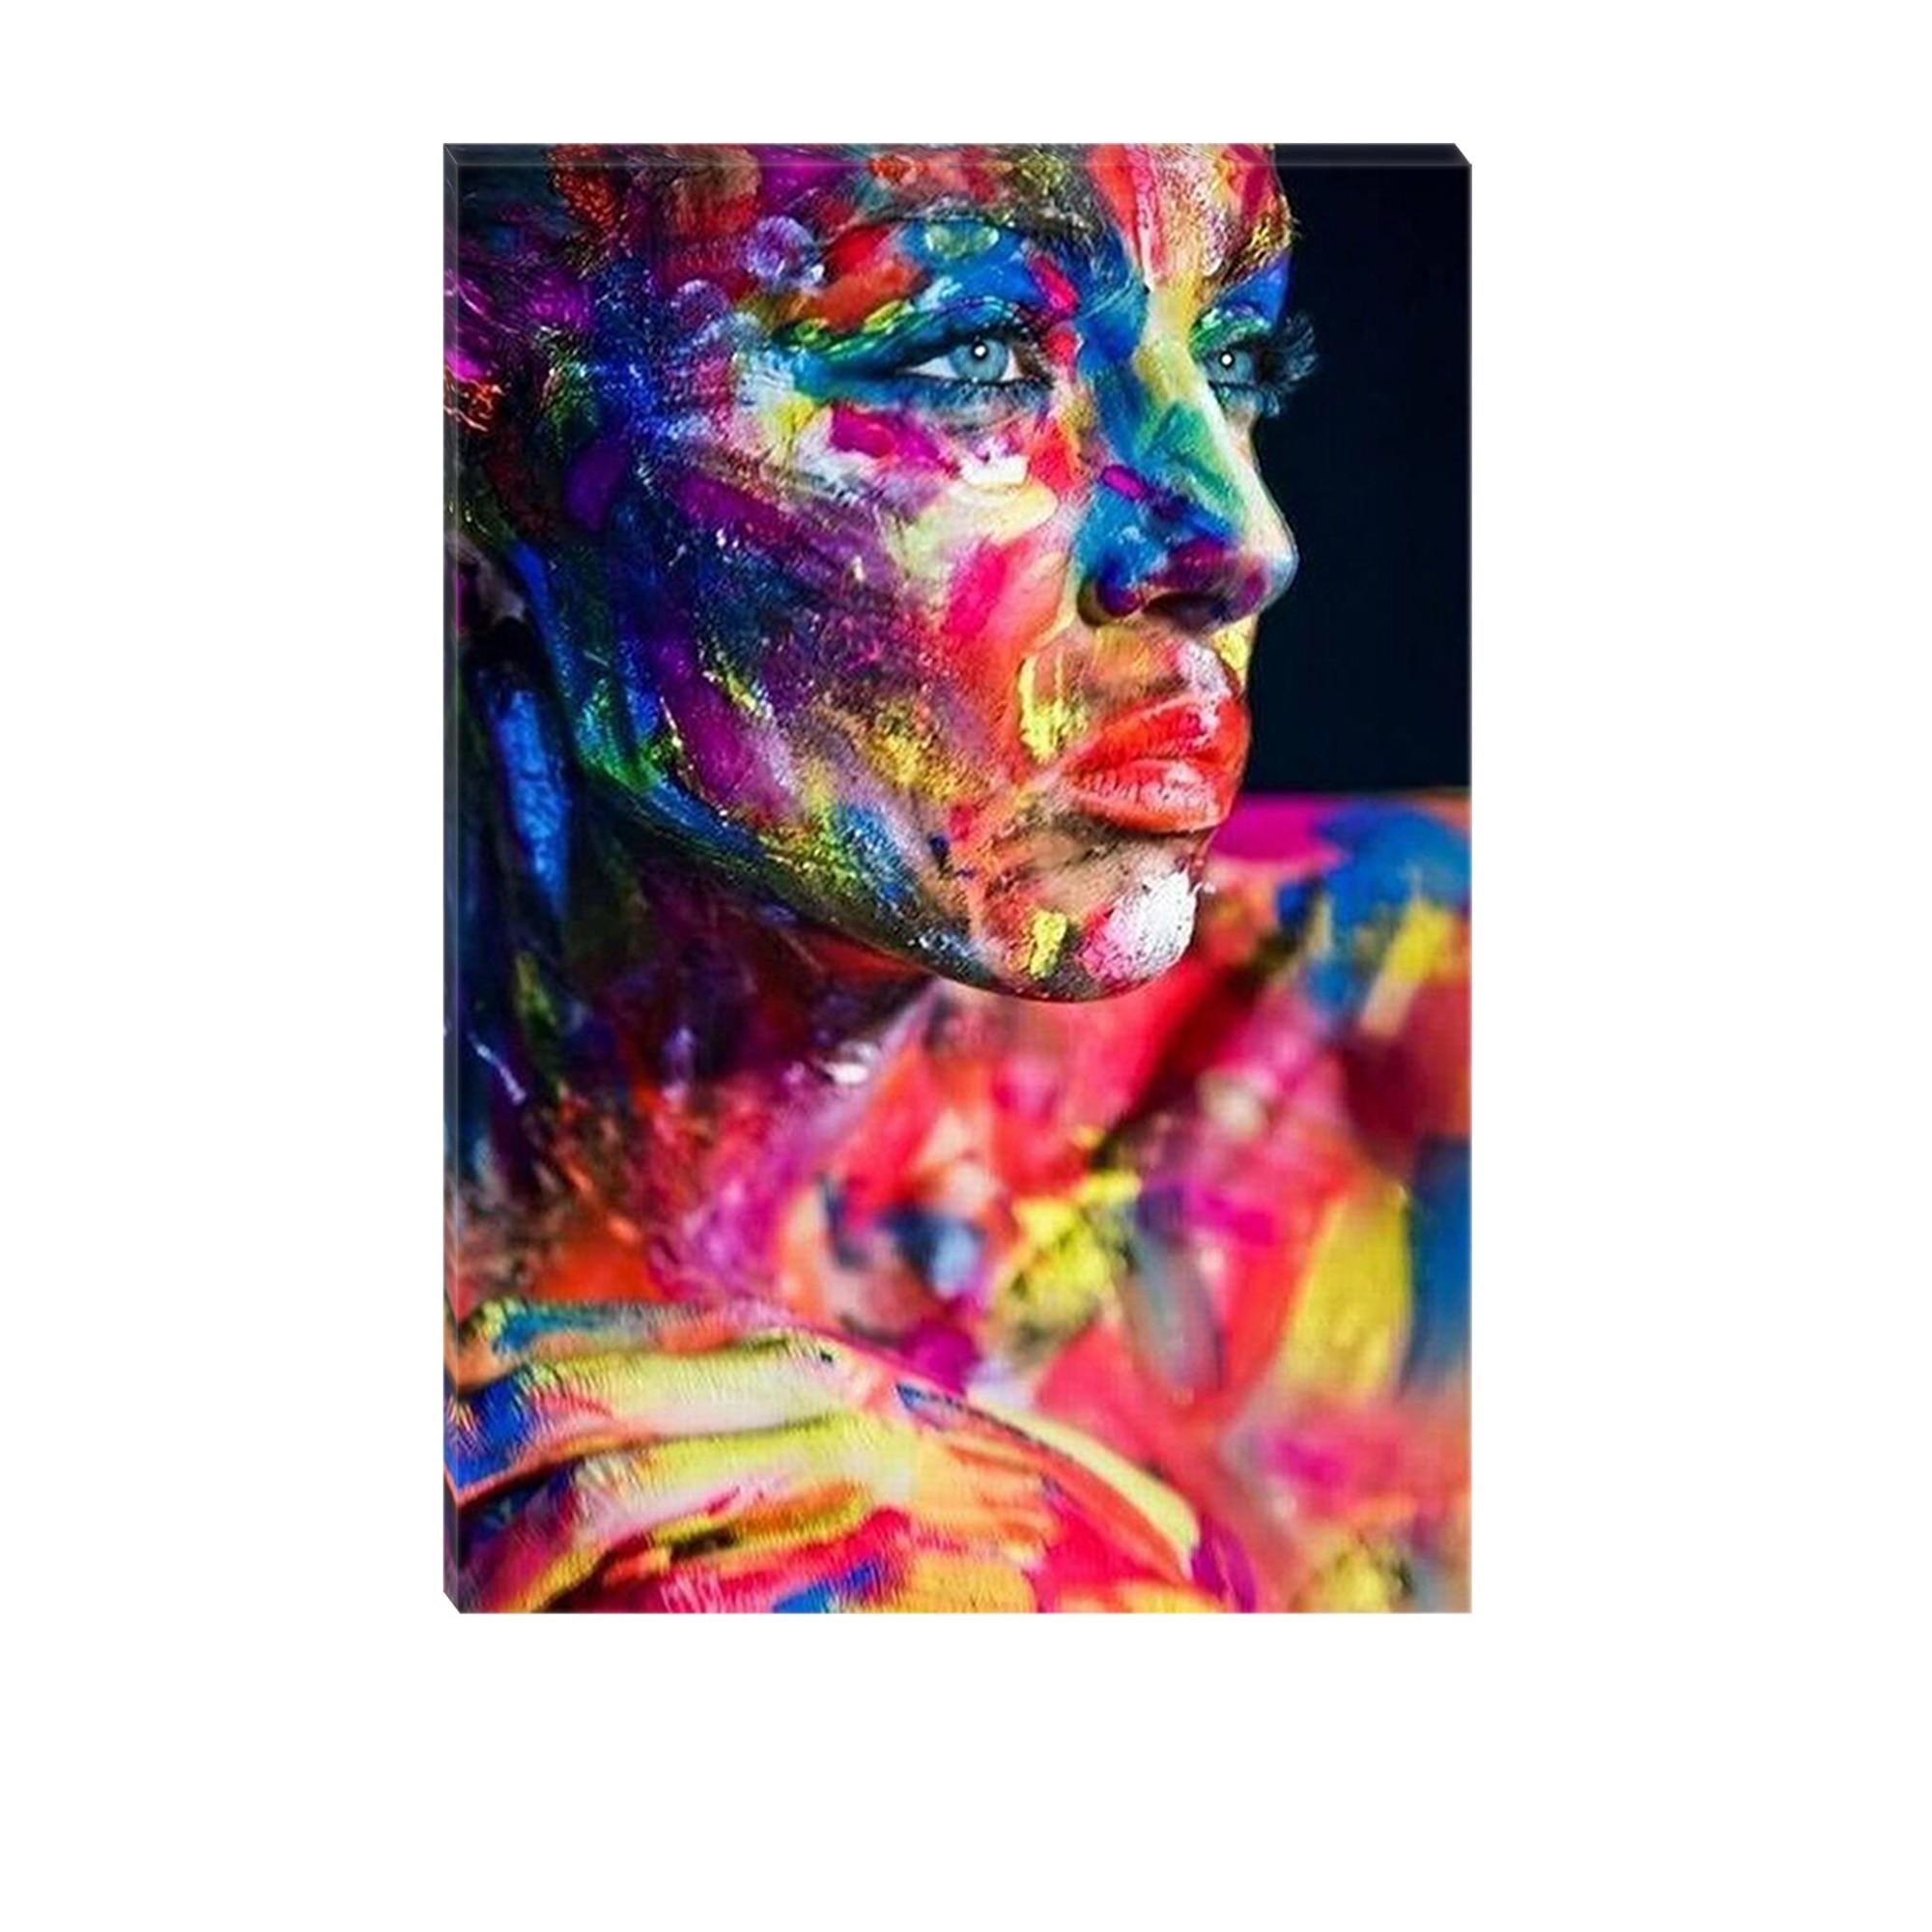 Fotografie Tablou DualView Startonight Femeie Pictata, Luminos in intuneric, 70 x 100 cm